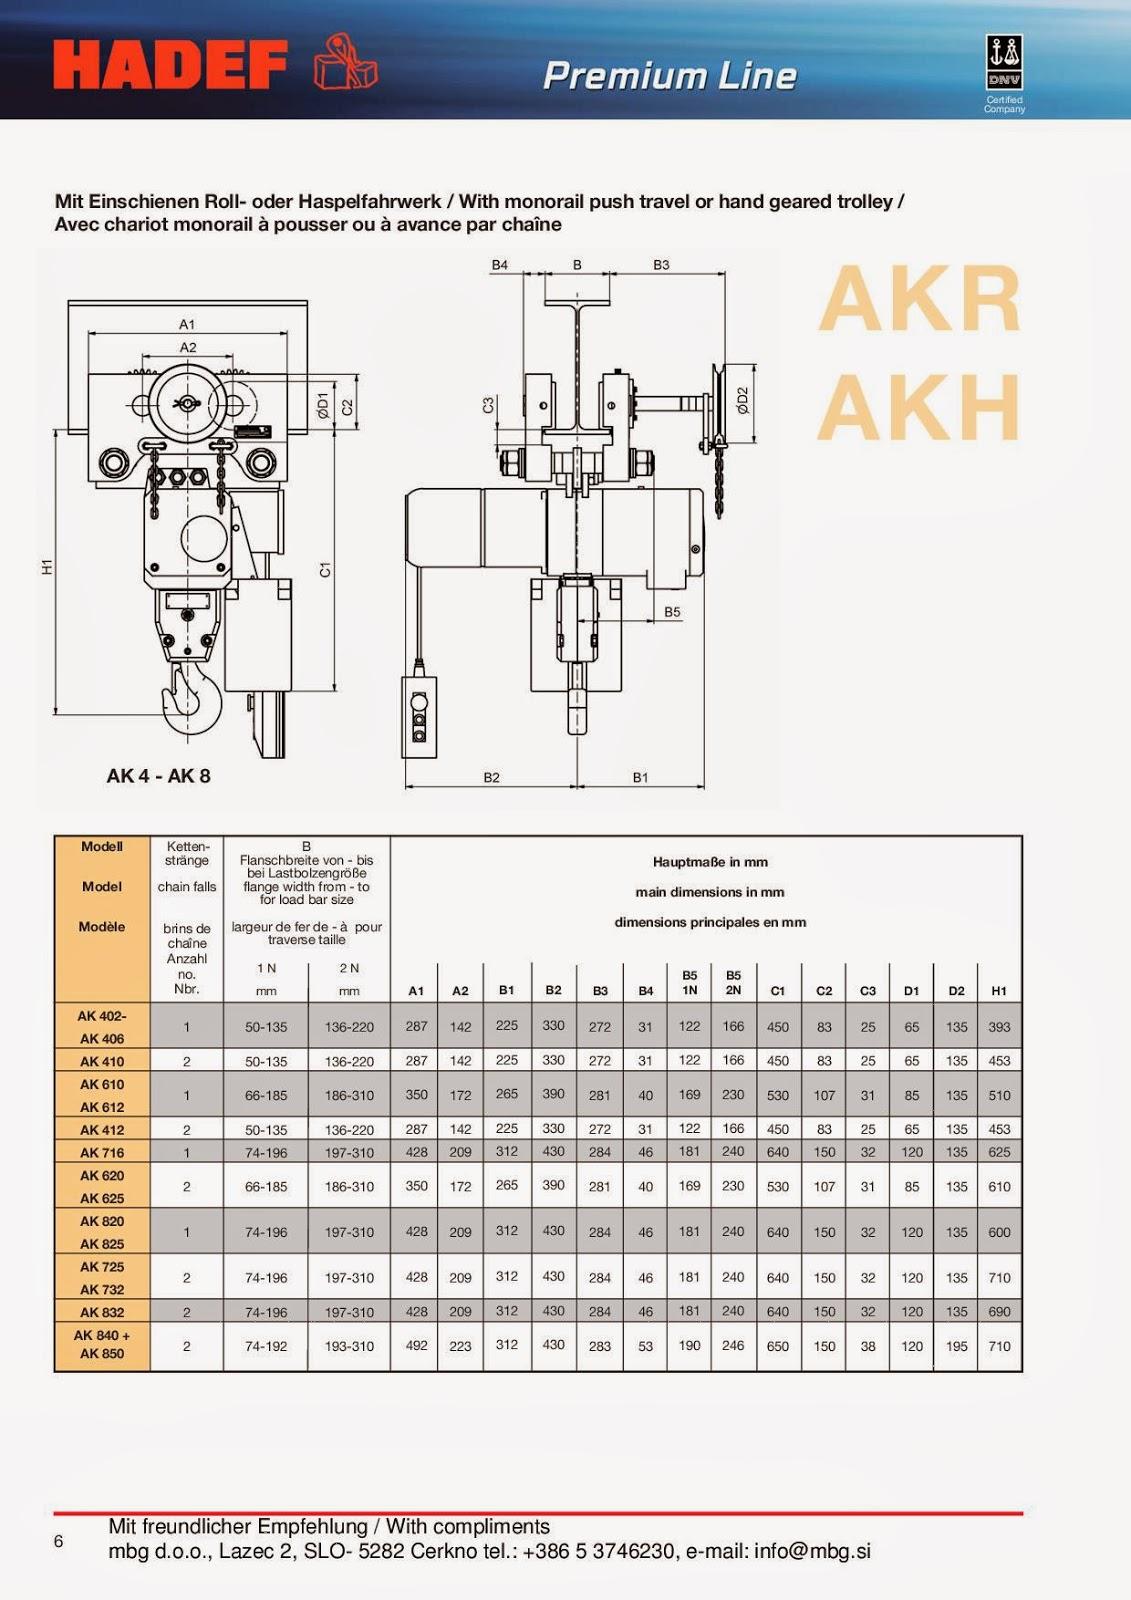 Elektro-Kettenzug / Electric Chain Hoist / Palan Electrique à chaîne - 6